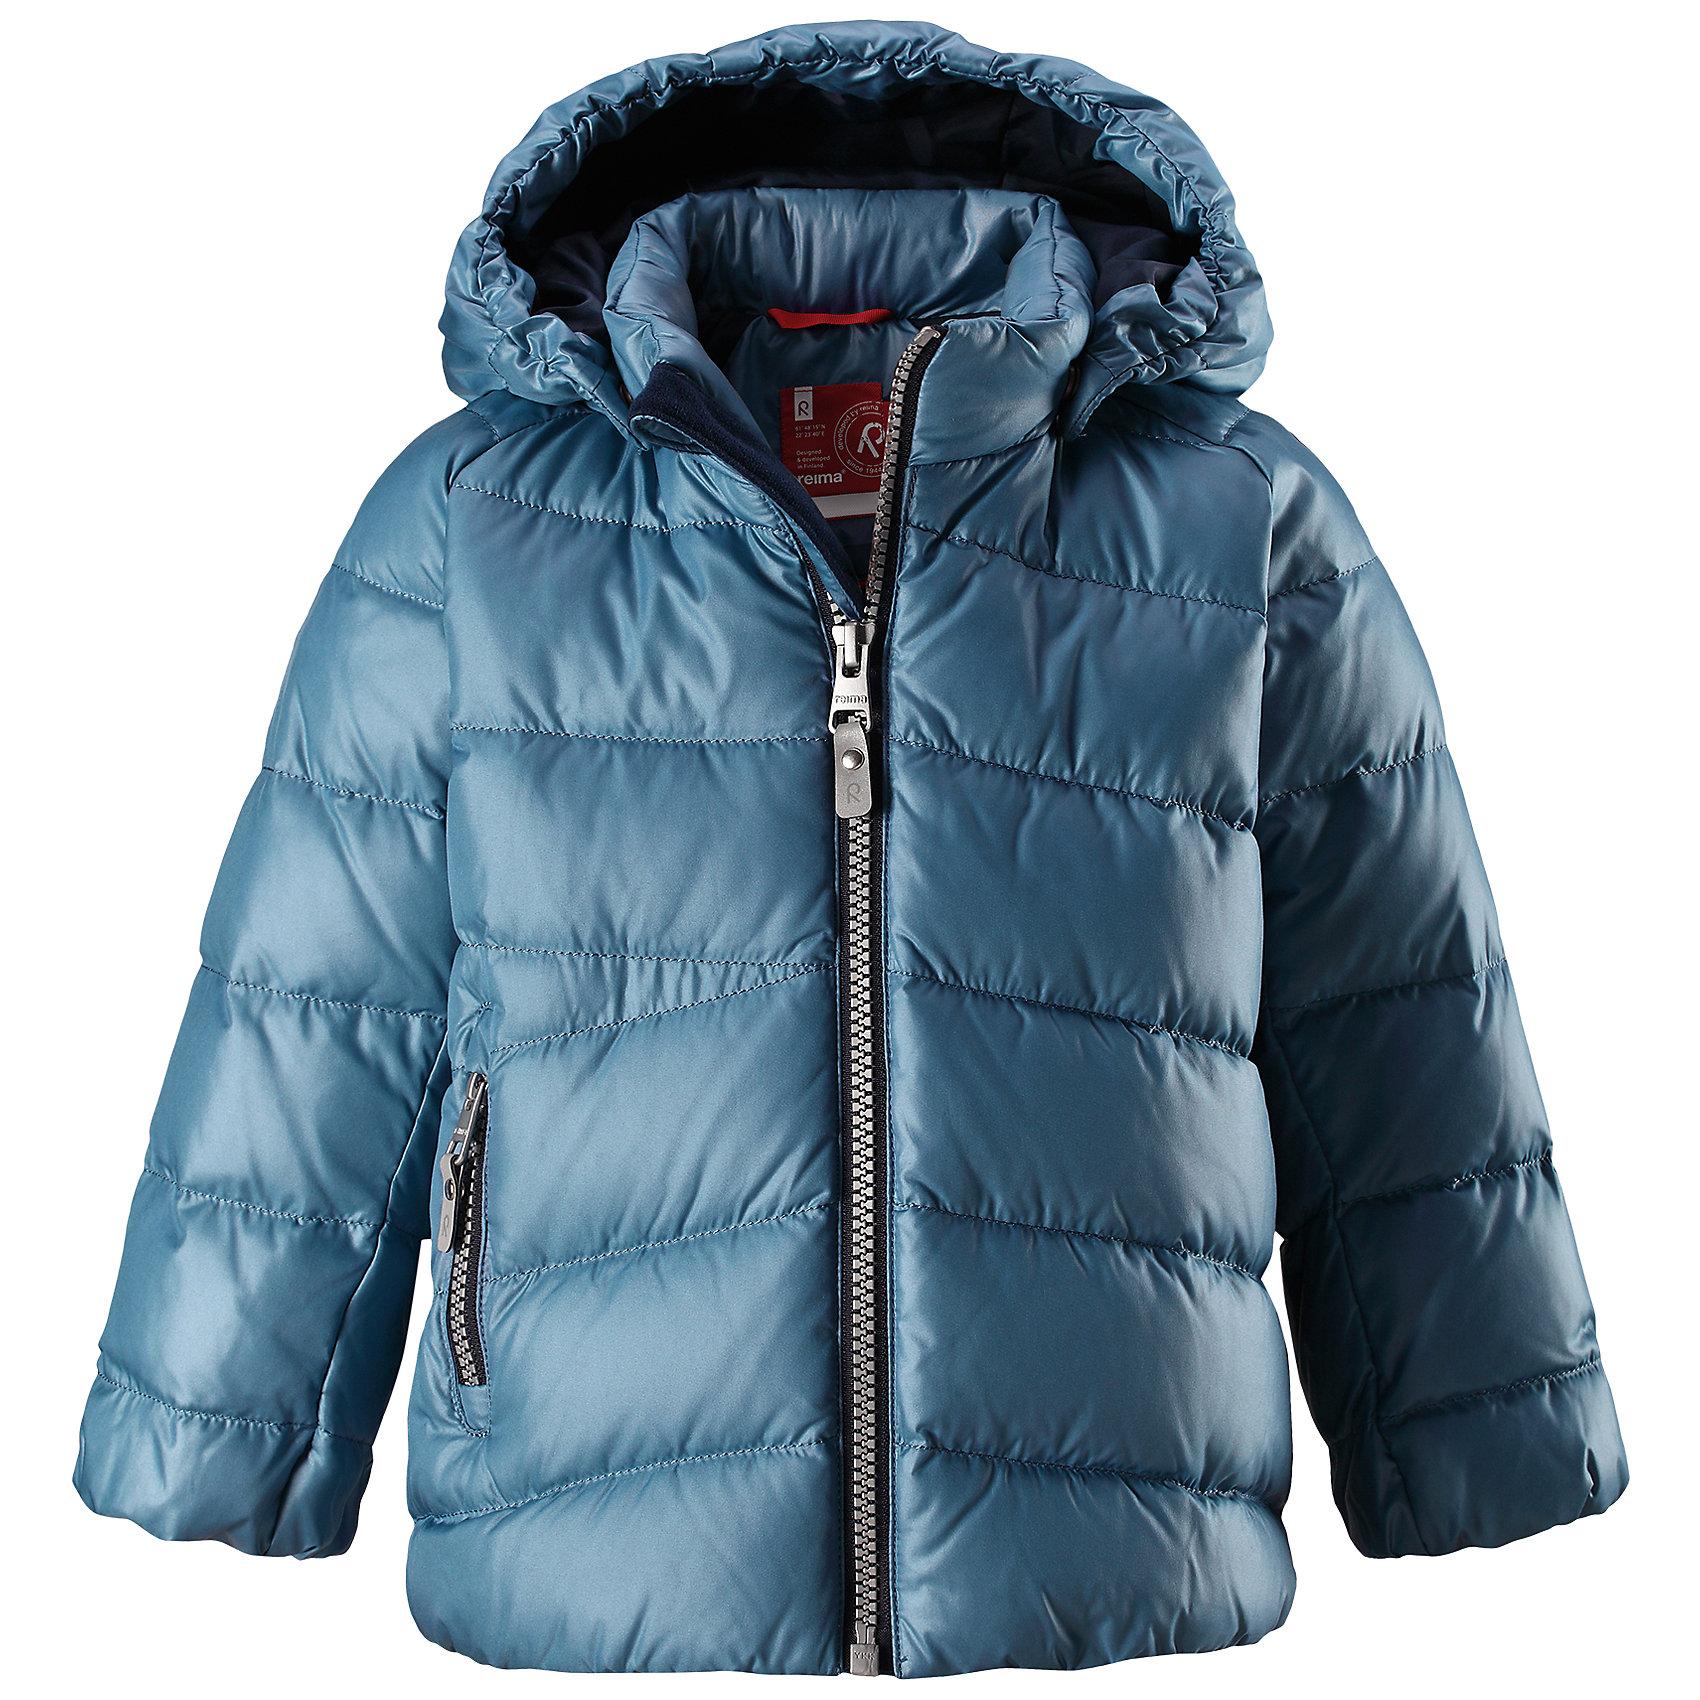 Куртка Reima VihtaОдежда<br>Характеристики товара:<br><br>• цвет: синий <br>• состав: 100% полиэстер<br>• утеплитель: 60 г/м2 (60% пух, 40% перо)<br>• сезон: зима<br>• температурный режим: от 0 до -20С<br>• особенности модели: пуховая<br>• ветронепроницаемый материал<br>• гладкая подкладка из полиэстера<br>• безопасный, съемный капюшон на кнопках<br>• защита подбородка от защемления<br>• застежка: молния<br>• боковой карман на молнии<br>• светоотражающие детали<br>• страна бренда: Финляндия<br>• страна изготовитель: Китай<br><br>Зимняя пуховая куртка с капюшоном для мальчика! Внутри – теплый пух, а снаружи – ветронепроницаемый материал. Куртка застегивается на молнию, есть защита от защемления подбородка. Боковой карман на молнии. Куртка оснащена светоотражающими элементами. Обратите внимание: эту куртку можно сушить в сушильной машине. <br><br>Куртку Vihta Reima от финского бренда Reima (Рейма) можно купить в нашем интернет-магазине.<br><br>Ширина мм: 356<br>Глубина мм: 10<br>Высота мм: 245<br>Вес г: 519<br>Цвет: синий<br>Возраст от месяцев: 48<br>Возраст до месяцев: 60<br>Пол: Унисекс<br>Возраст: Детский<br>Размер: 110,80,86,92,98,104<br>SKU: 6908267